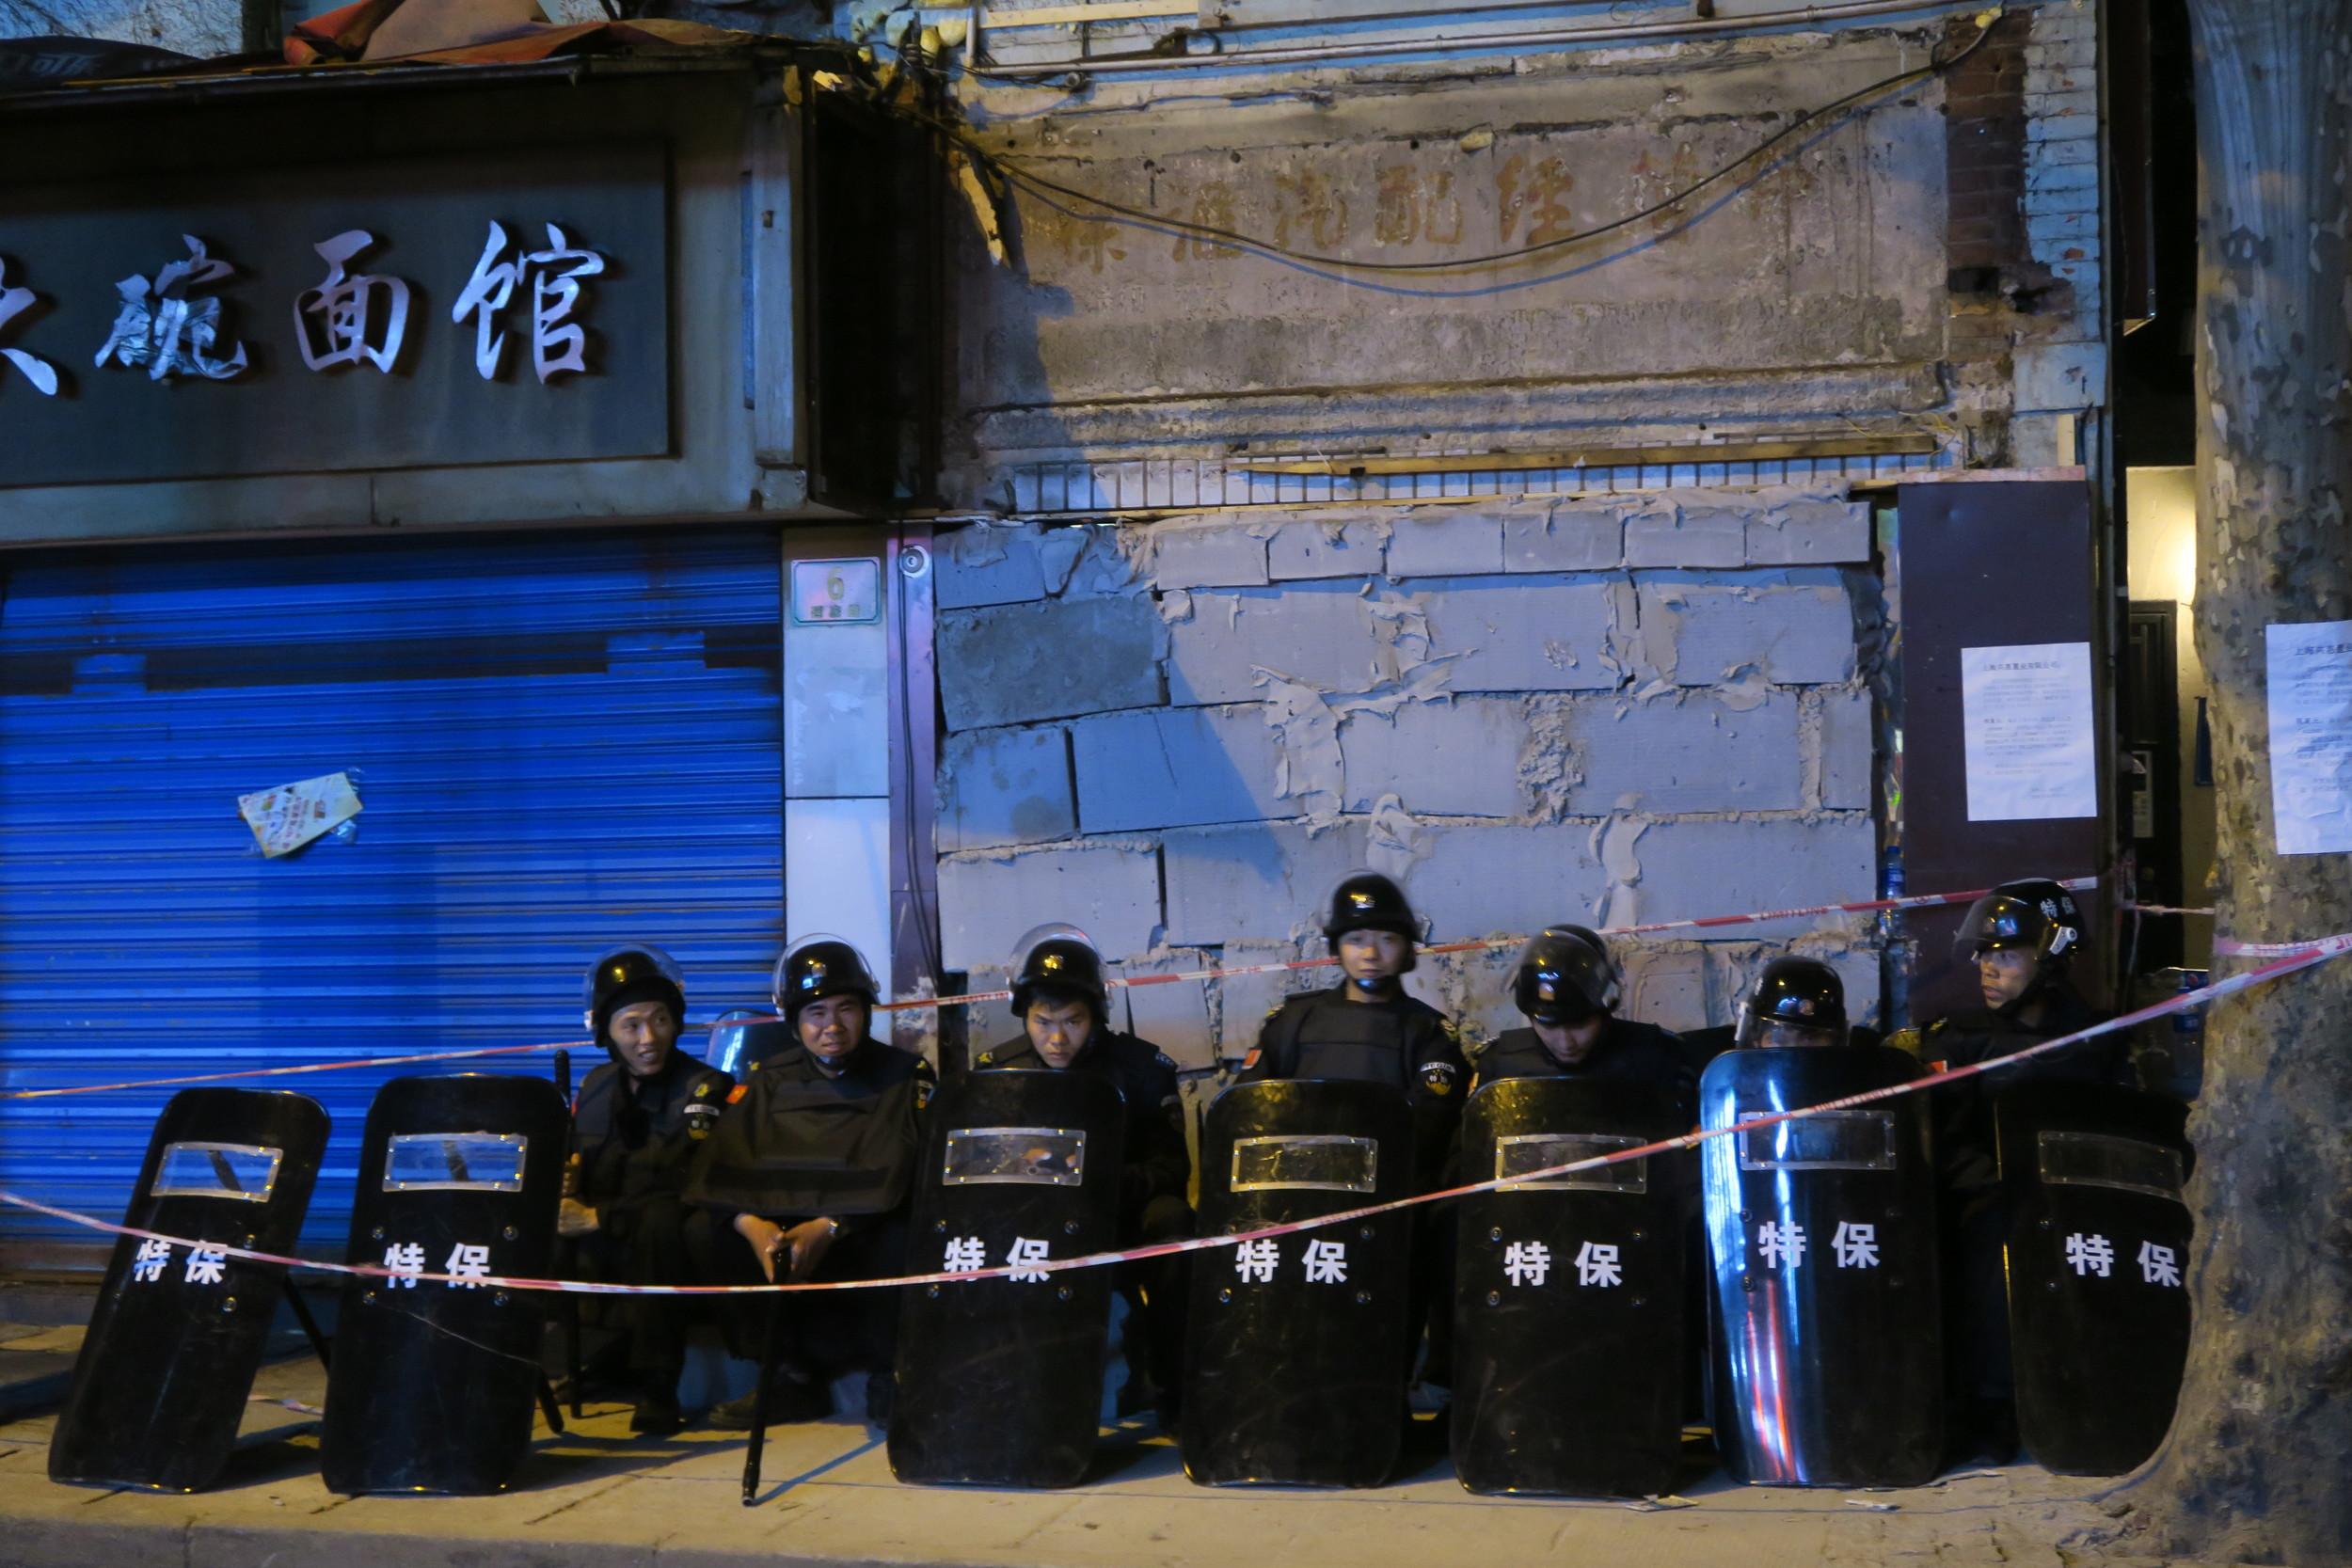 yanqing_lanzhou_lamian_police